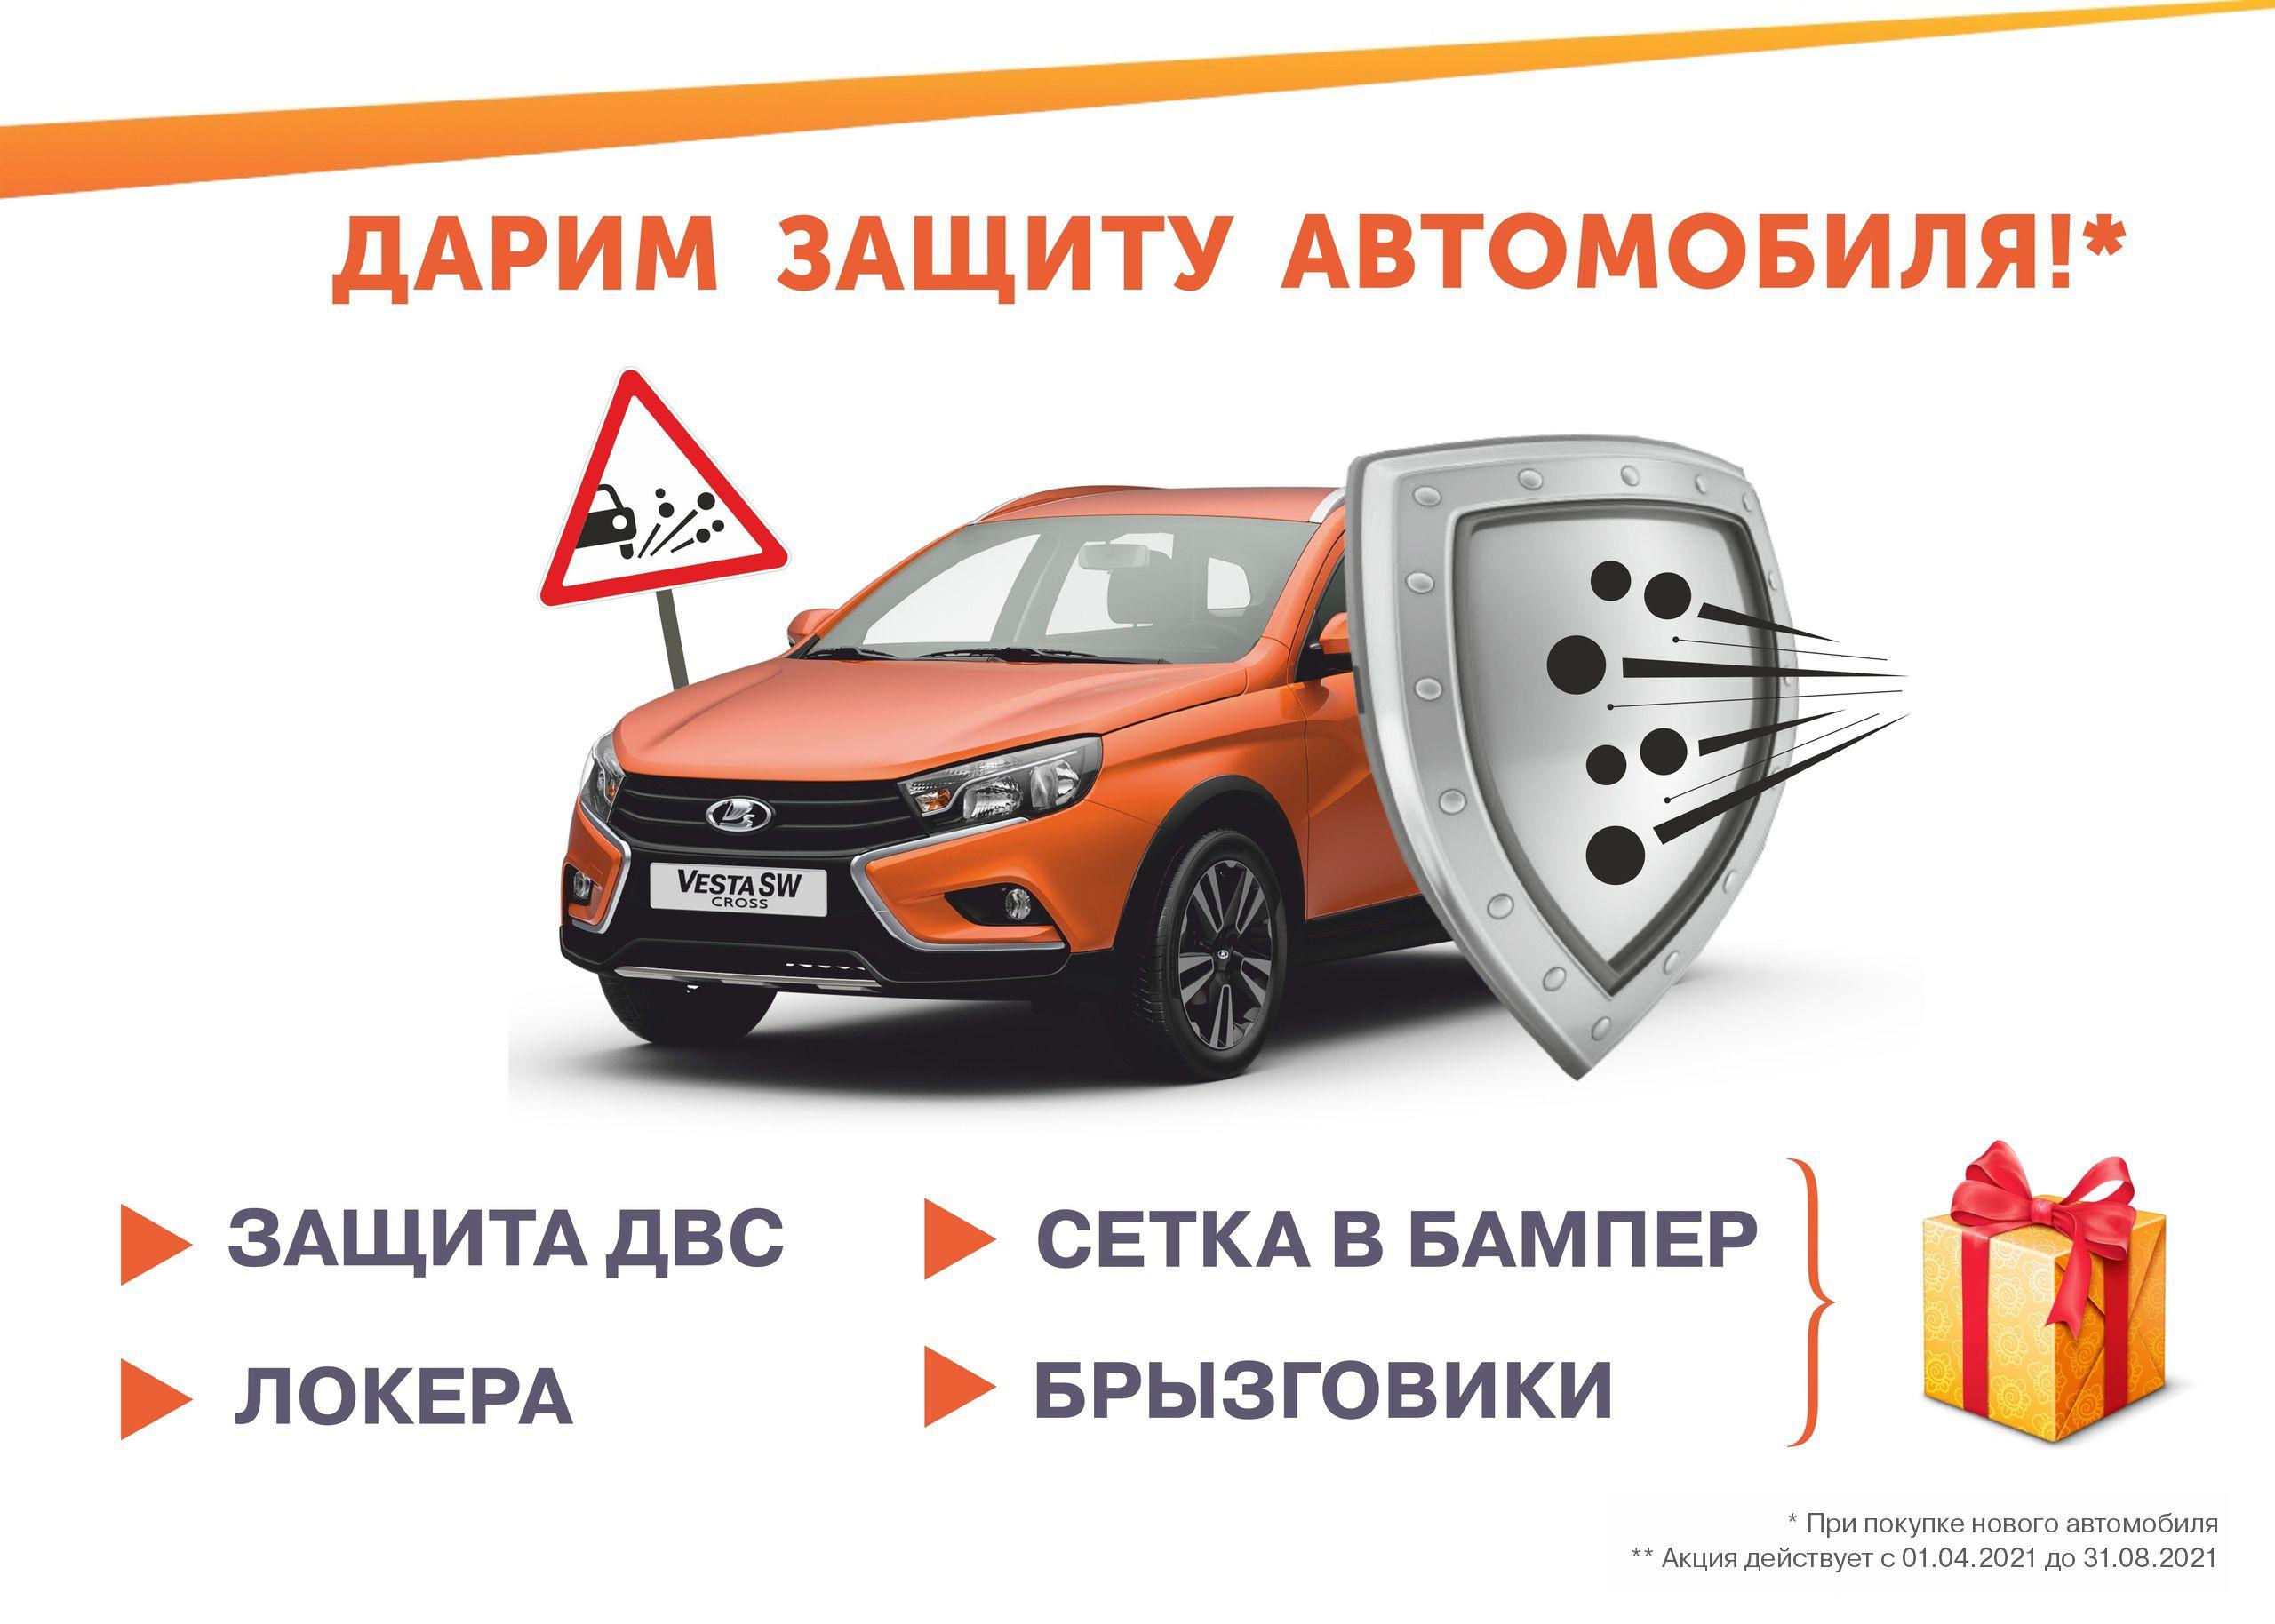 Дарим защиту автомобиля!